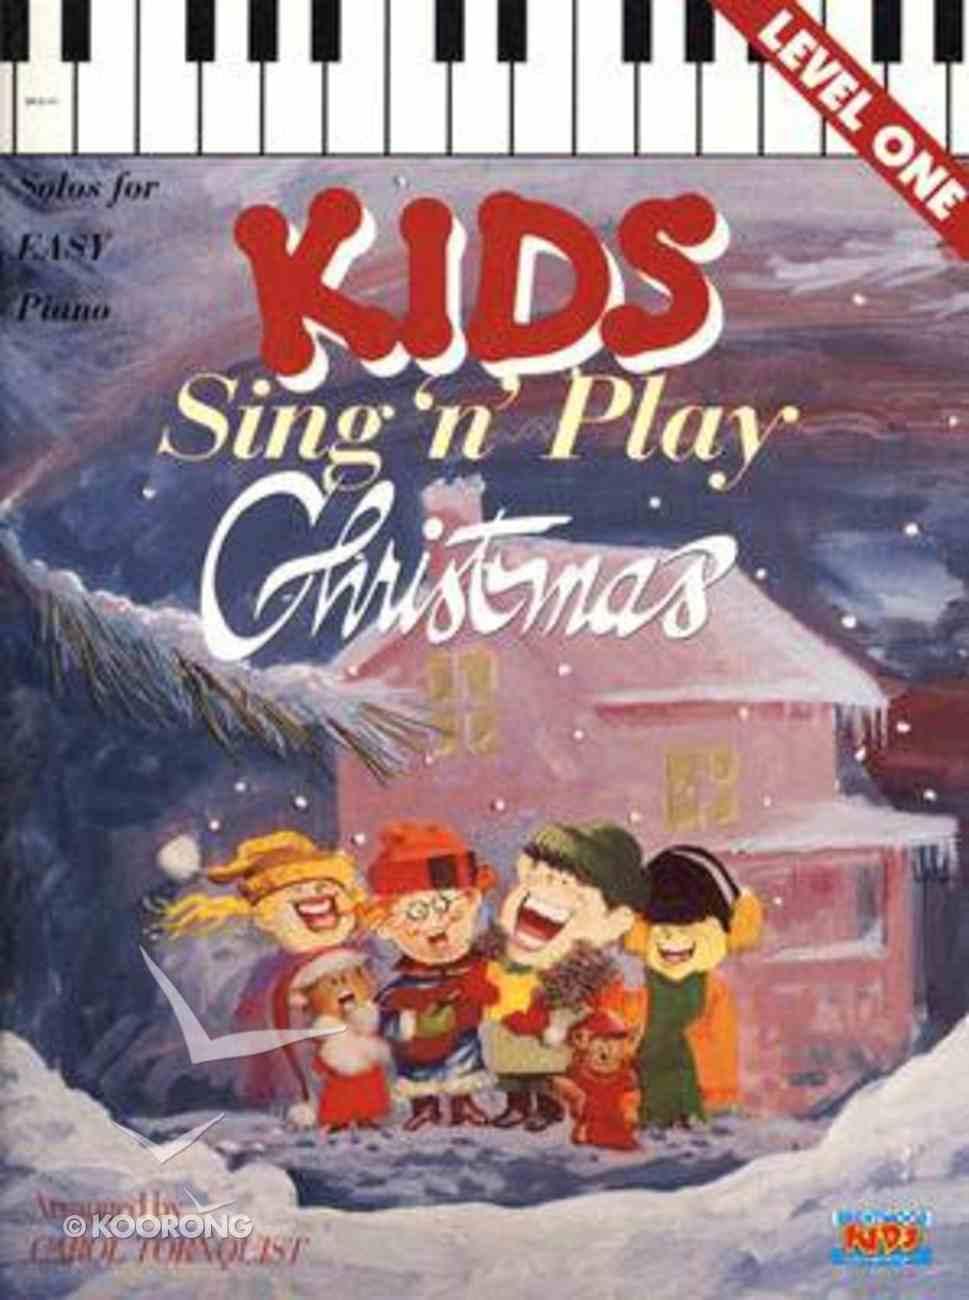 Kids Sing N'play Christmas Book 1 Paperback